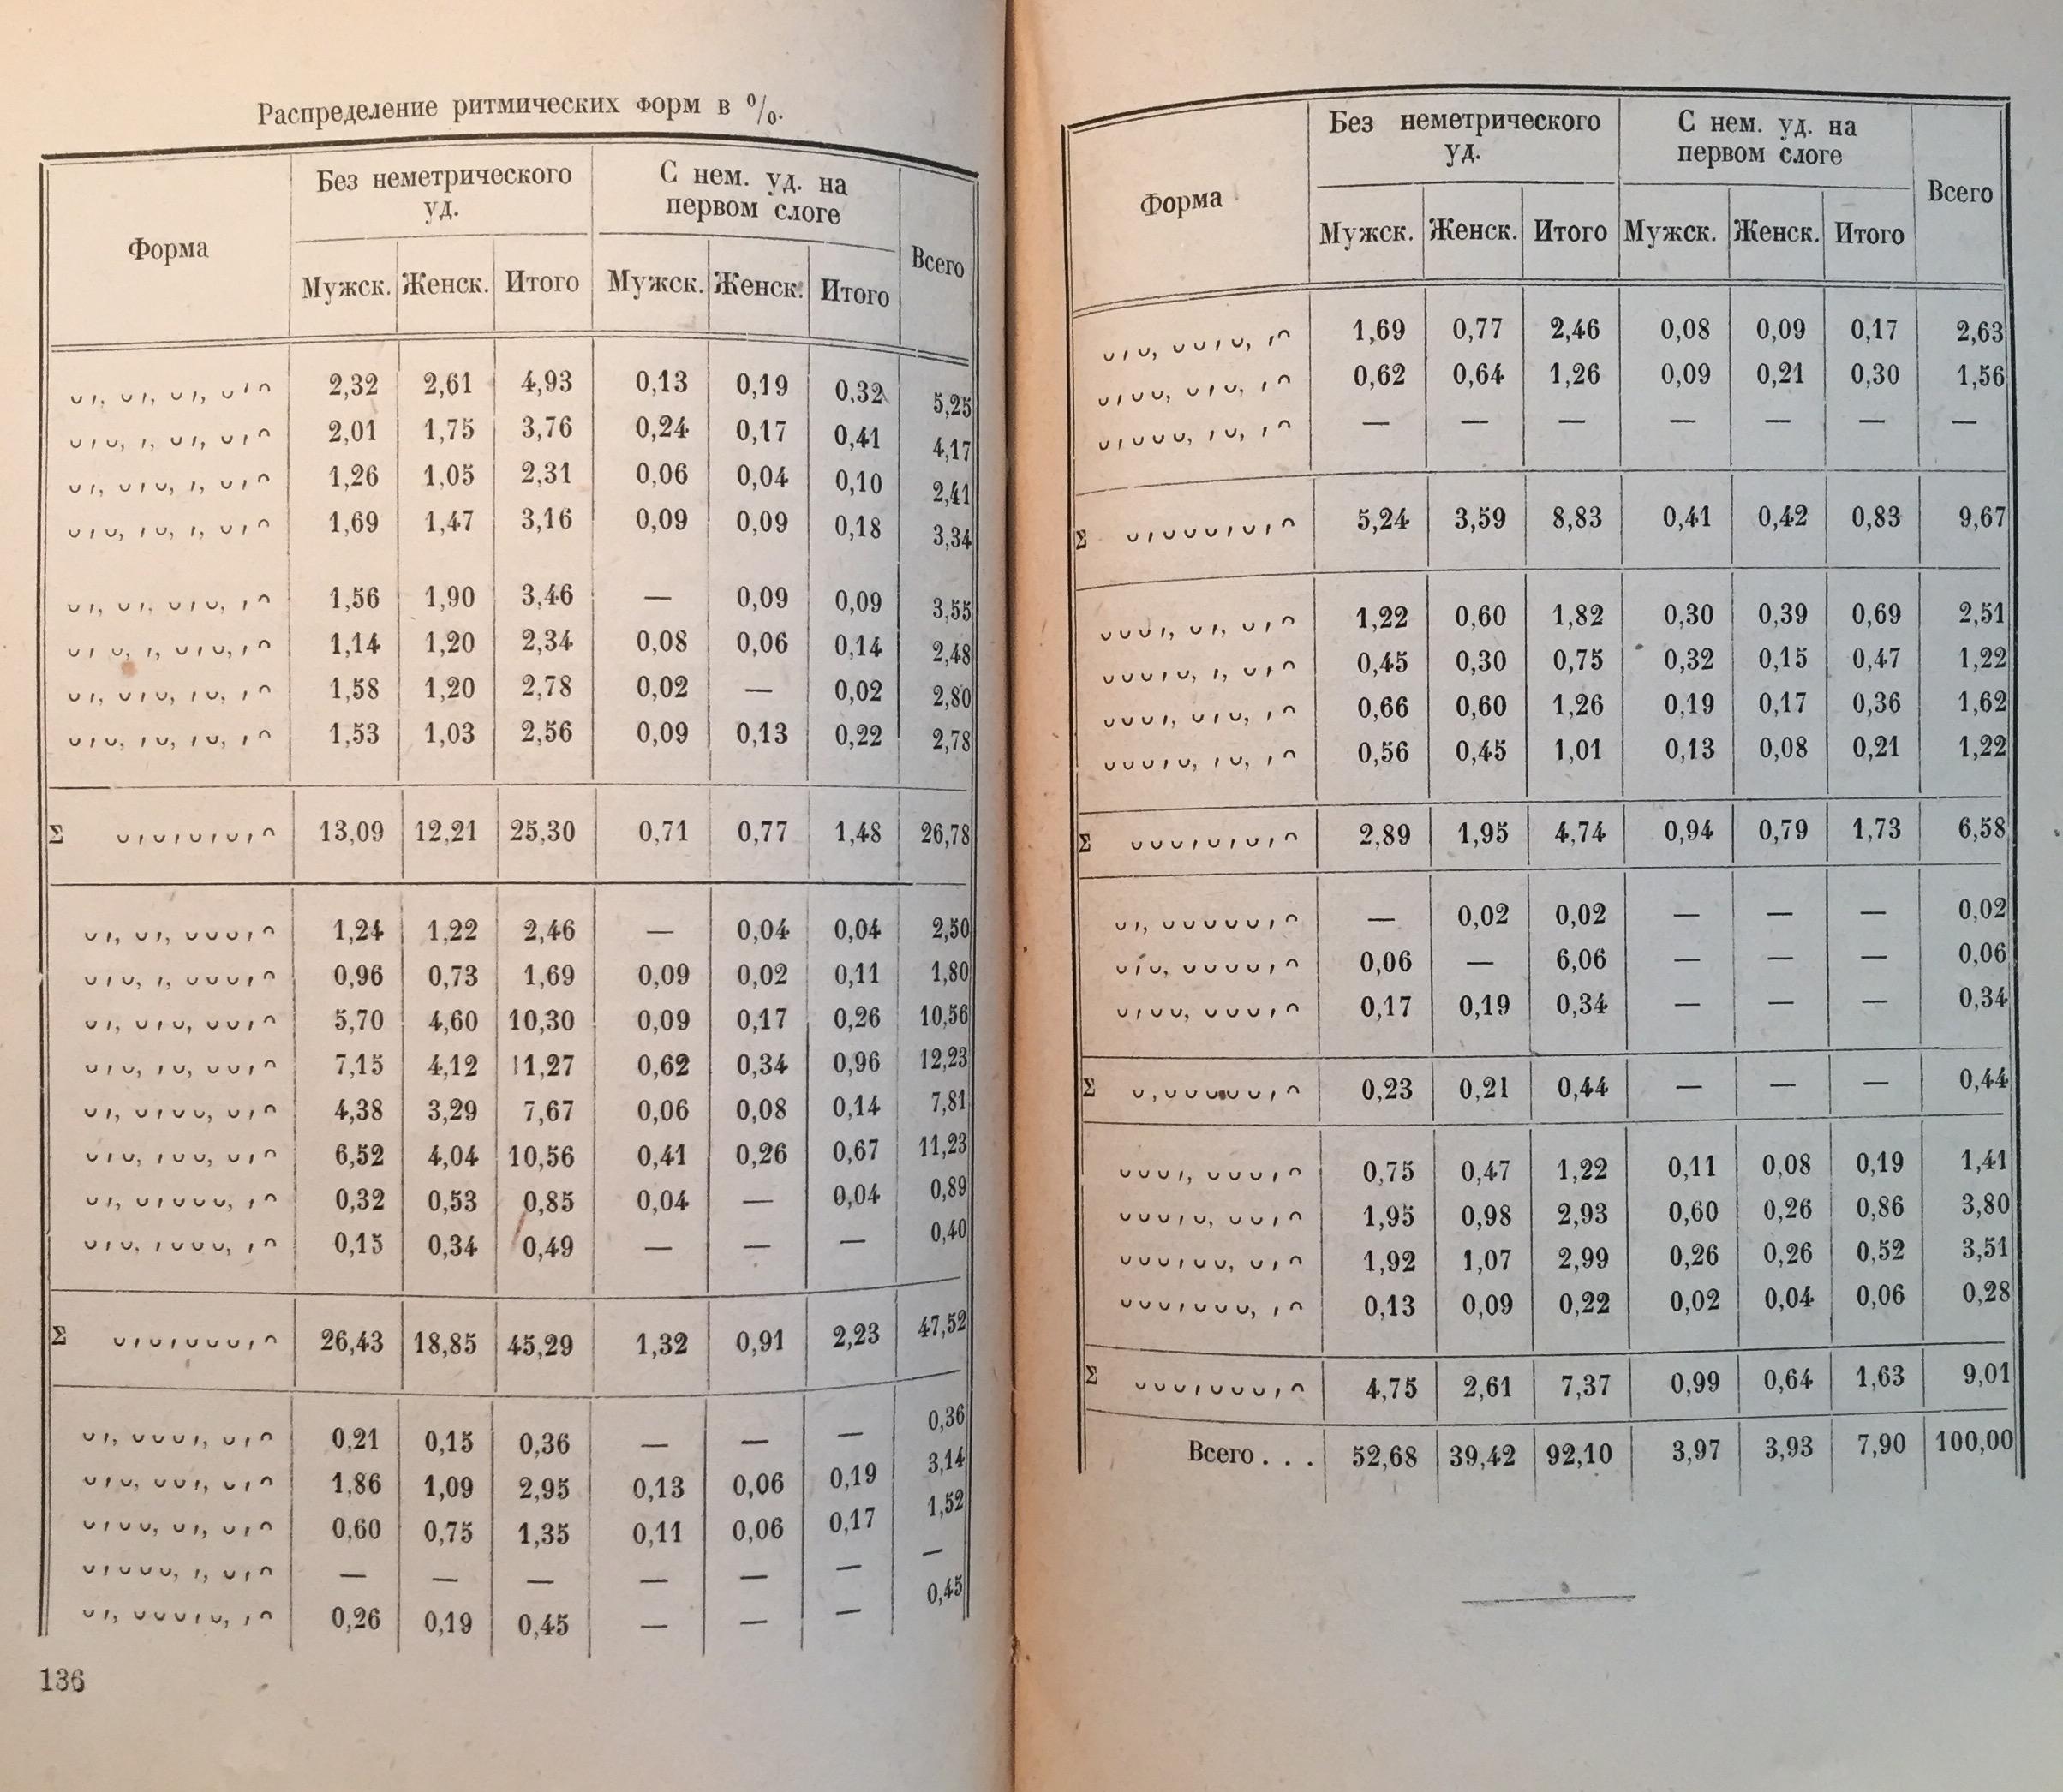 tomashevskii%cc%86